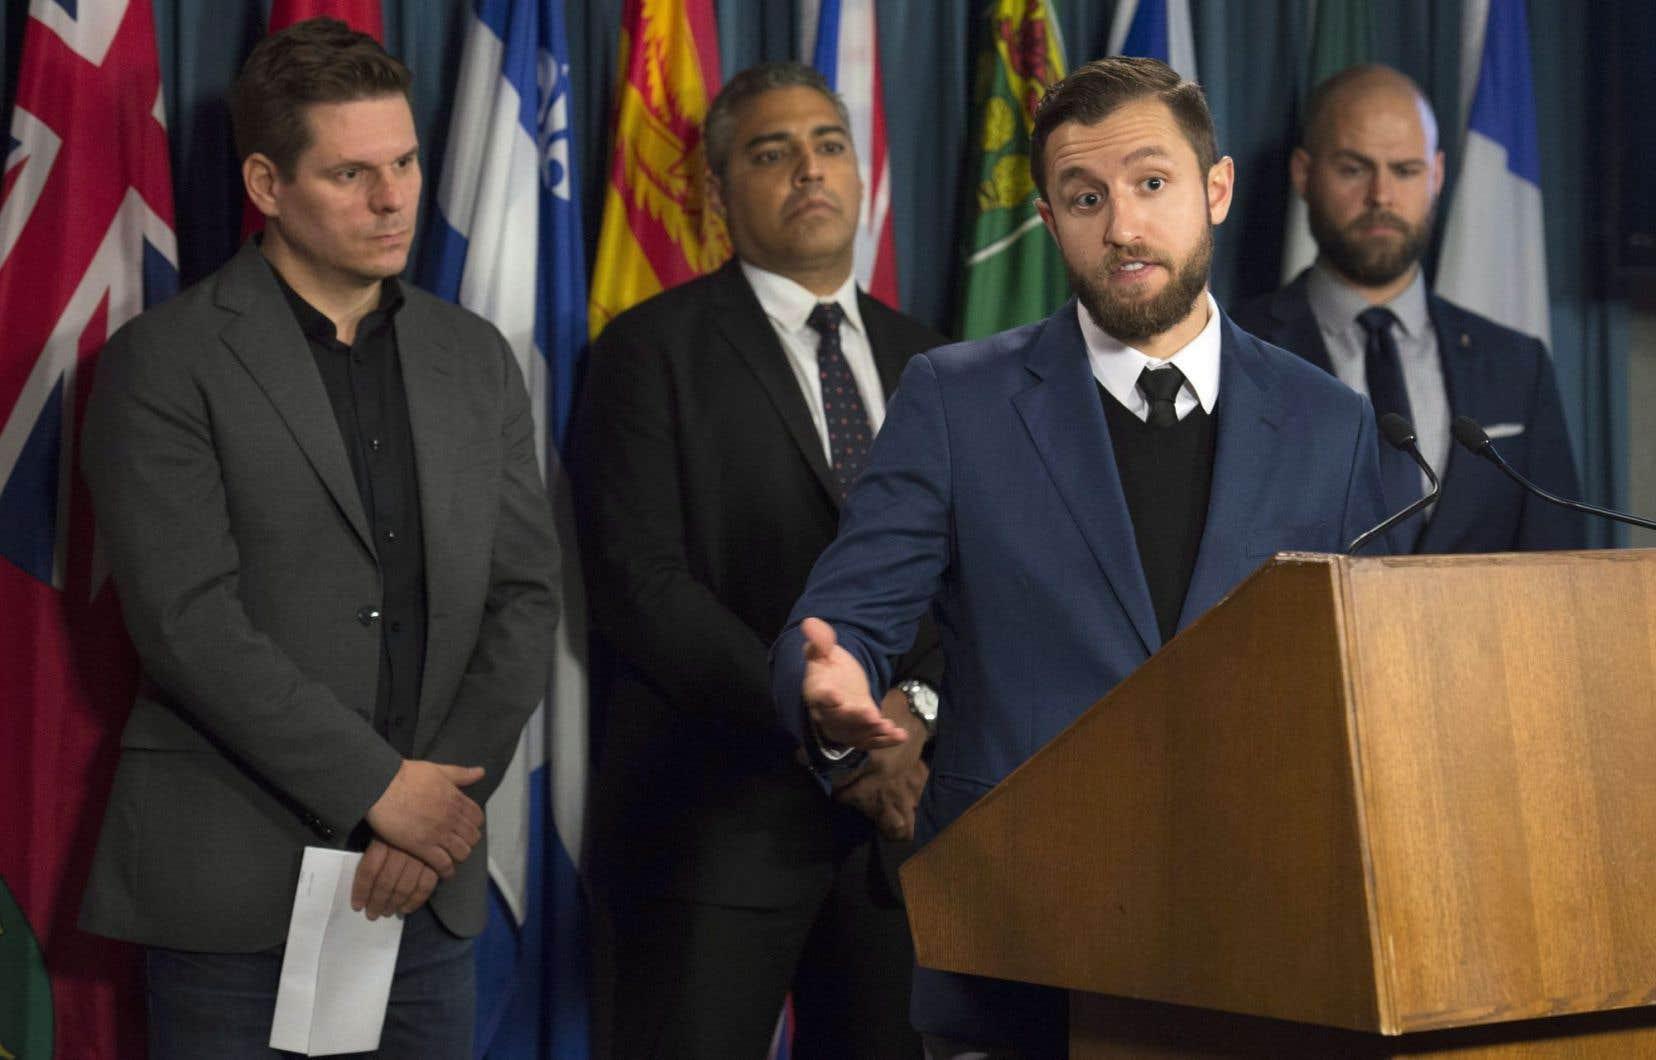 Patrick Lagacé, Ben Makuch et Mohammed Fahmy, ainsi que le directeur exécutif de Journalistes canadiens pour la liberté d'expression (CJFE), Tom Henheffer ont réclamé une loiafin de protéger les sources confidentielles des journalistes.